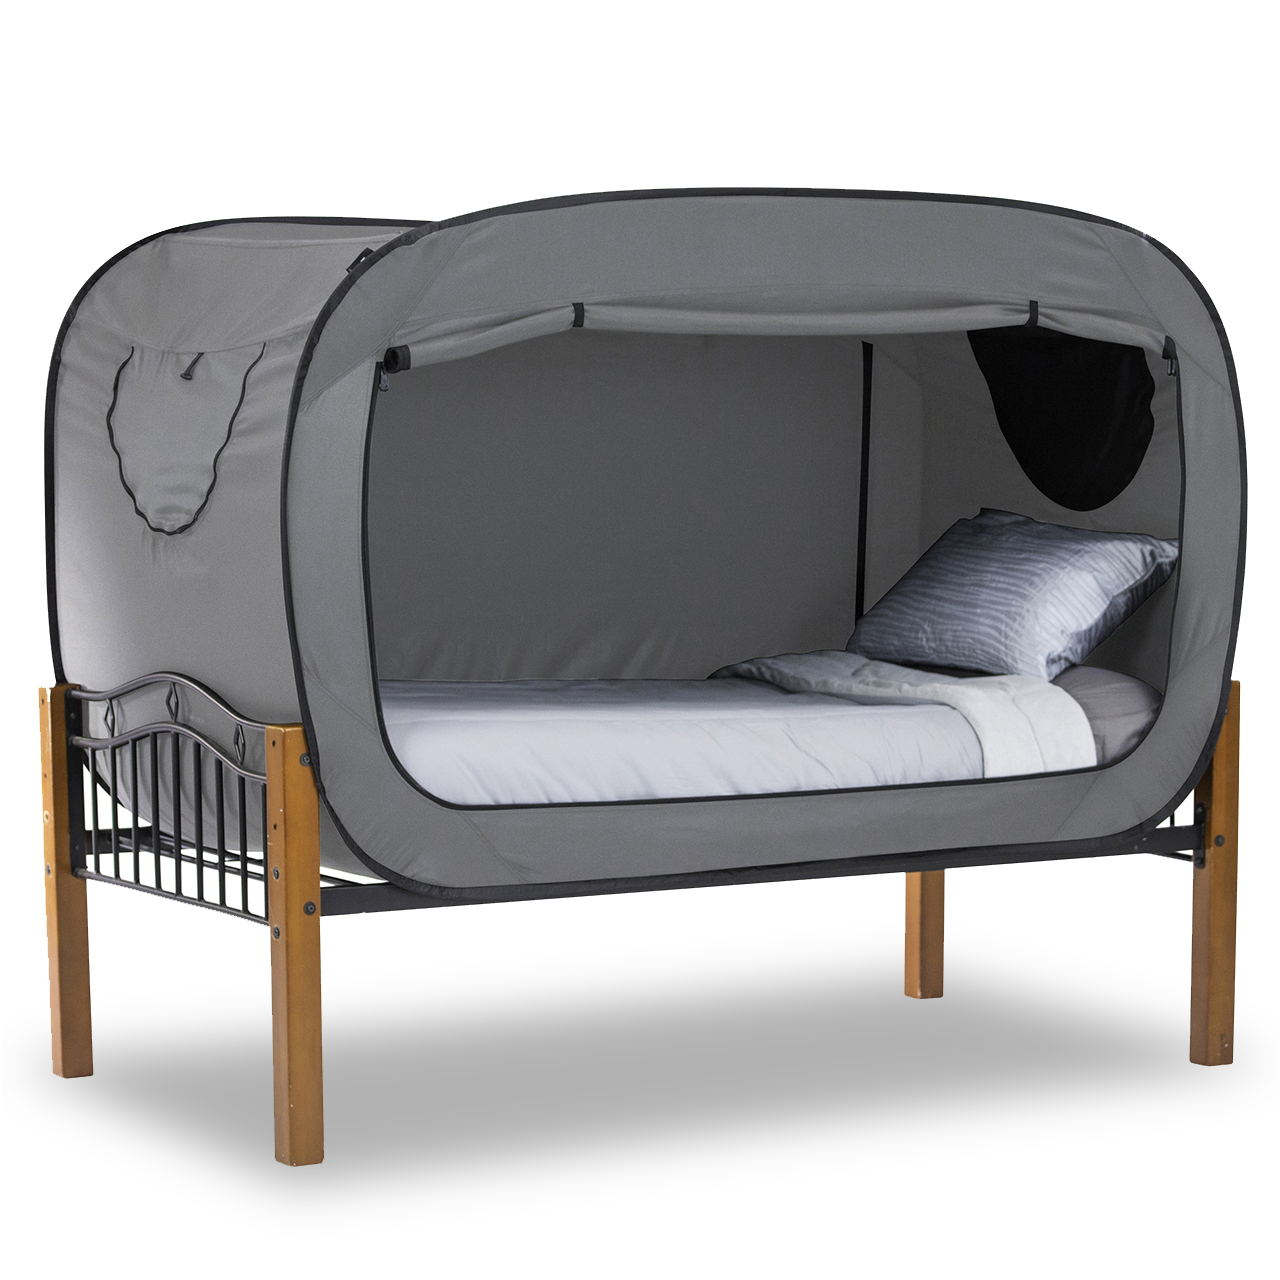 Специальное предложение кровать палатка студент комната с несколькими кроватями скрытый частное кровать занавес оттенок воздухопроницаемый моно,парный человек вверх и вниз кровать магазин сохранение тепла палатка